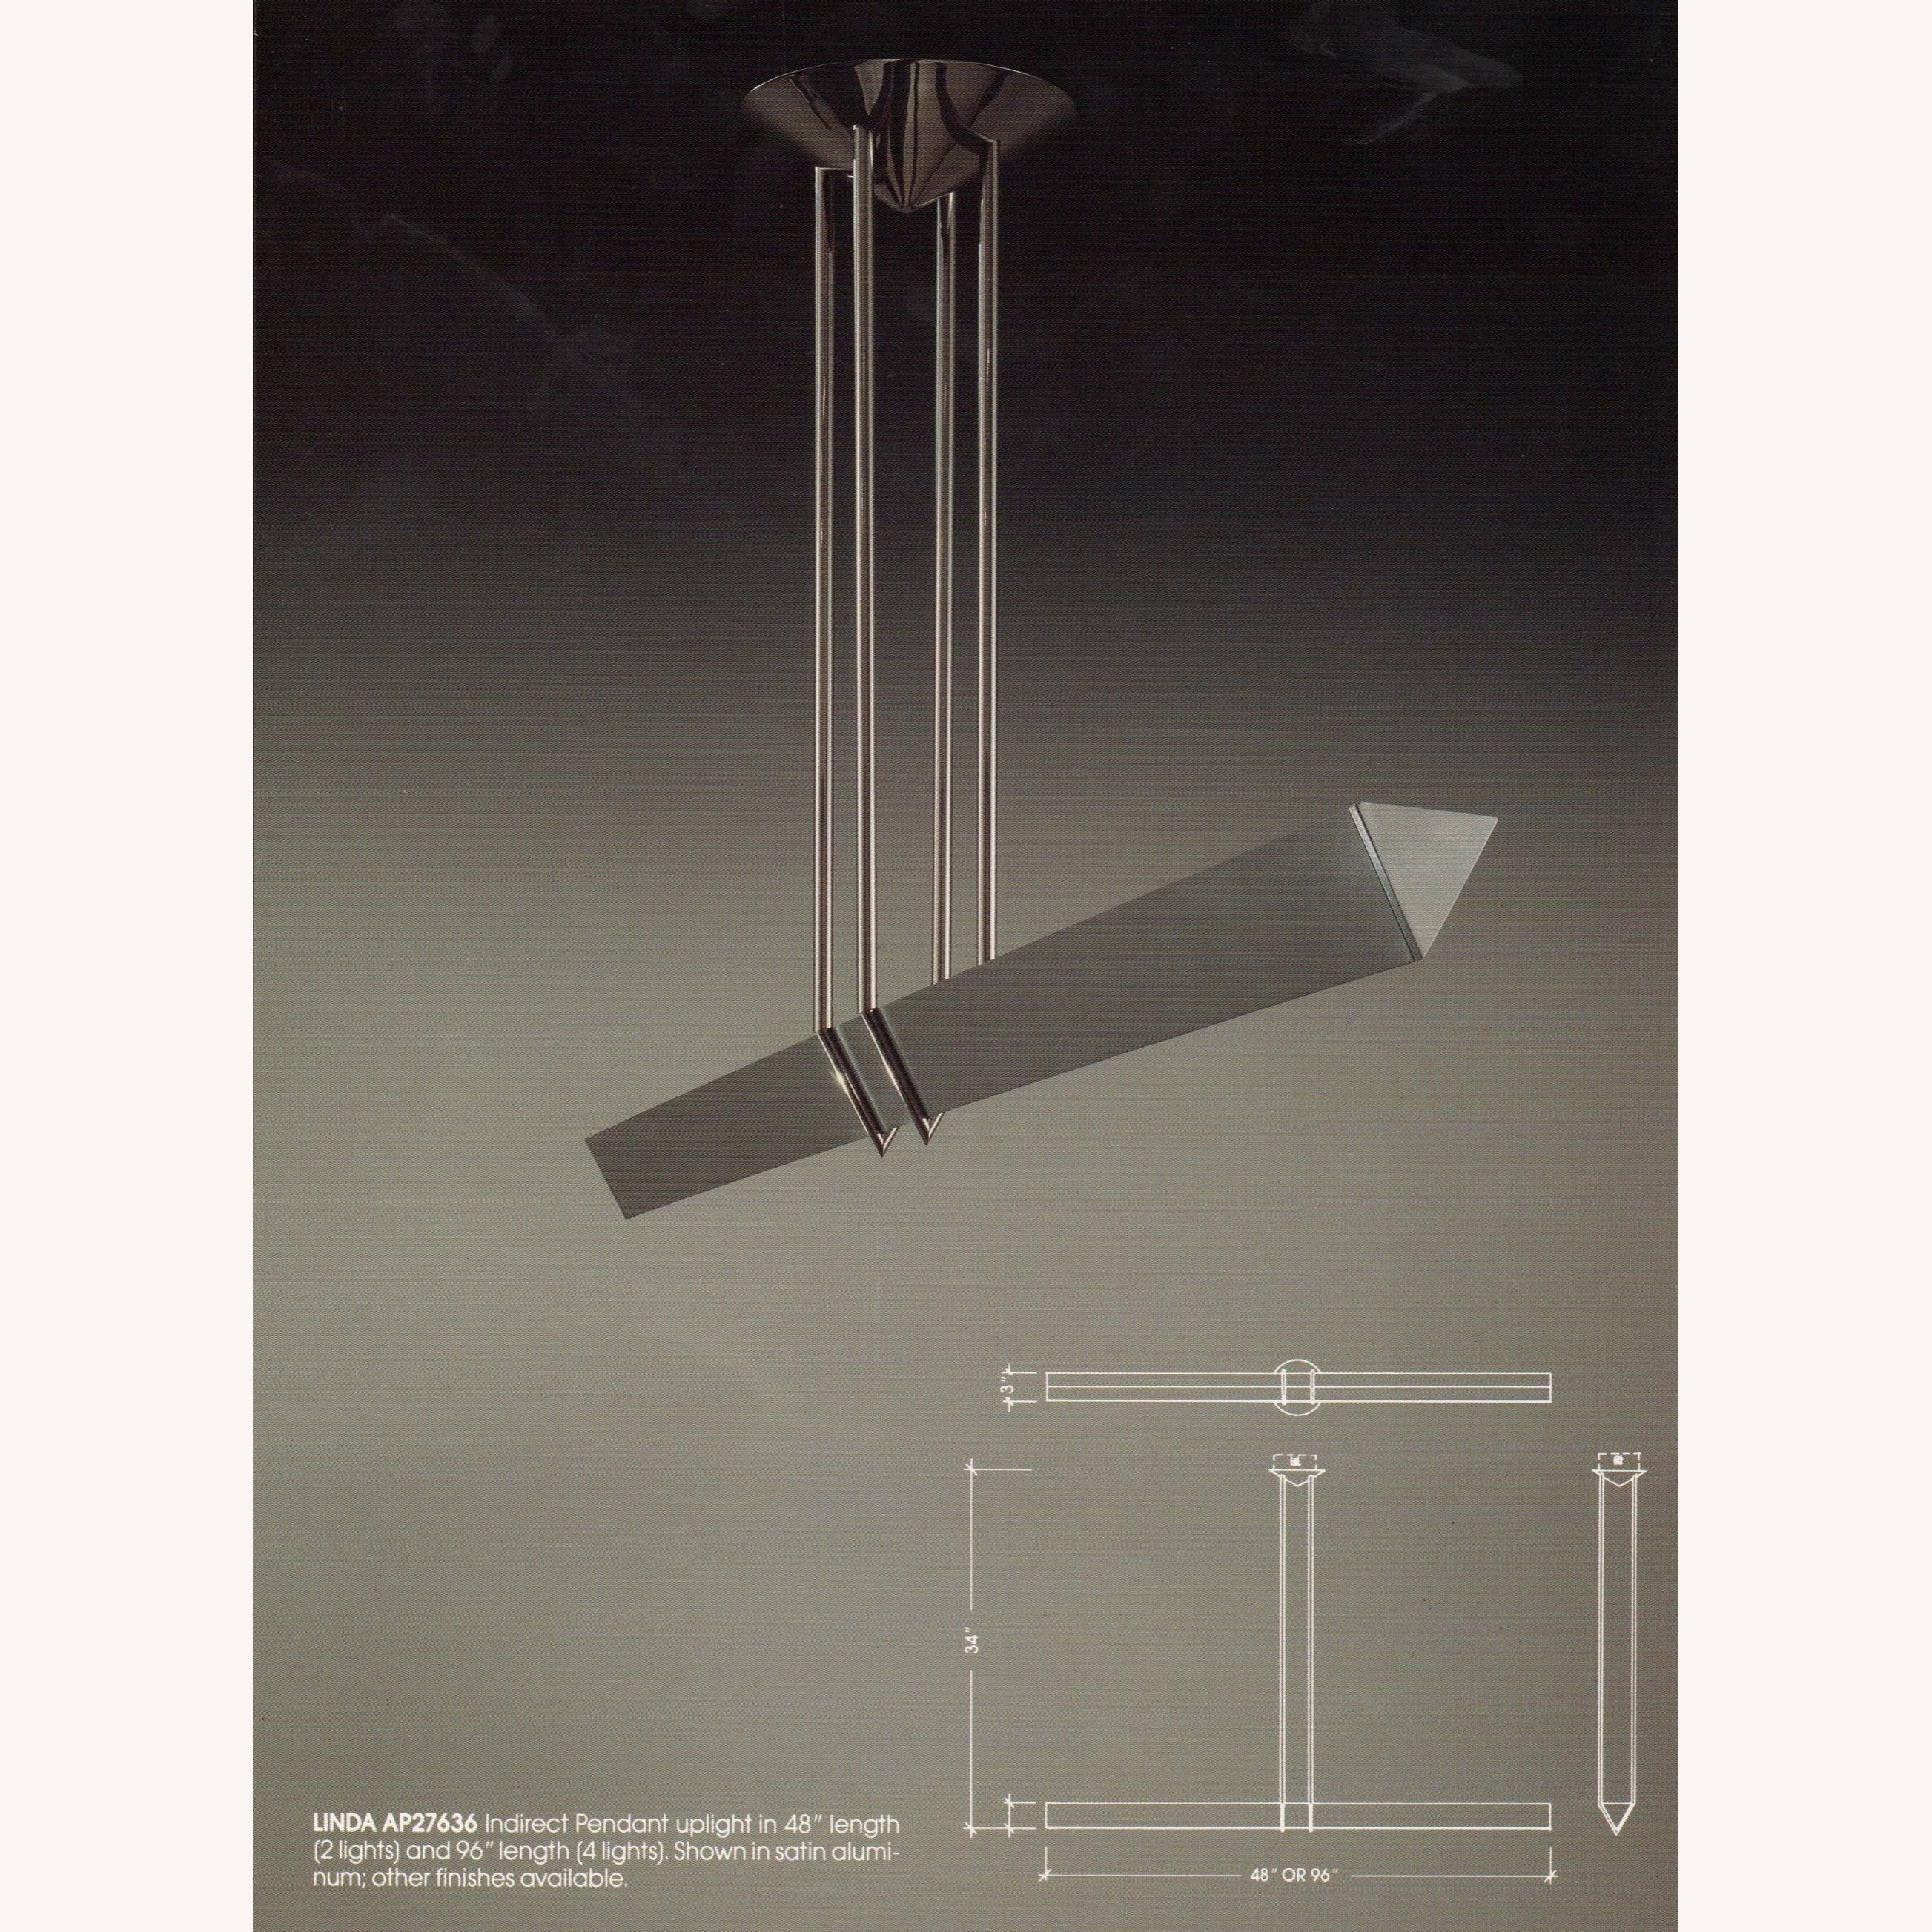 Baldinger Architectural Lighting Andree Putman Chandelier